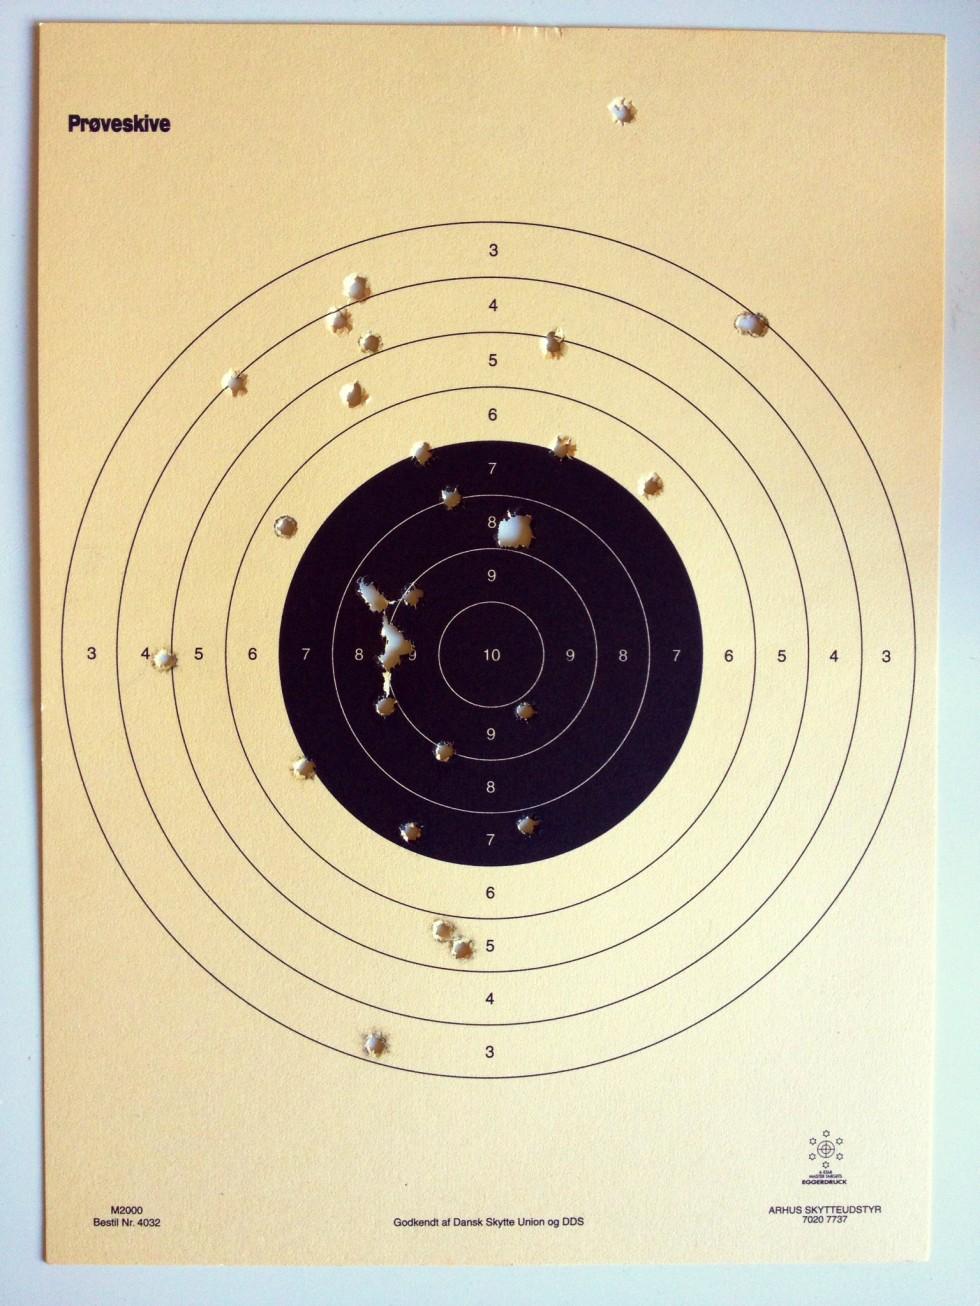 guns8